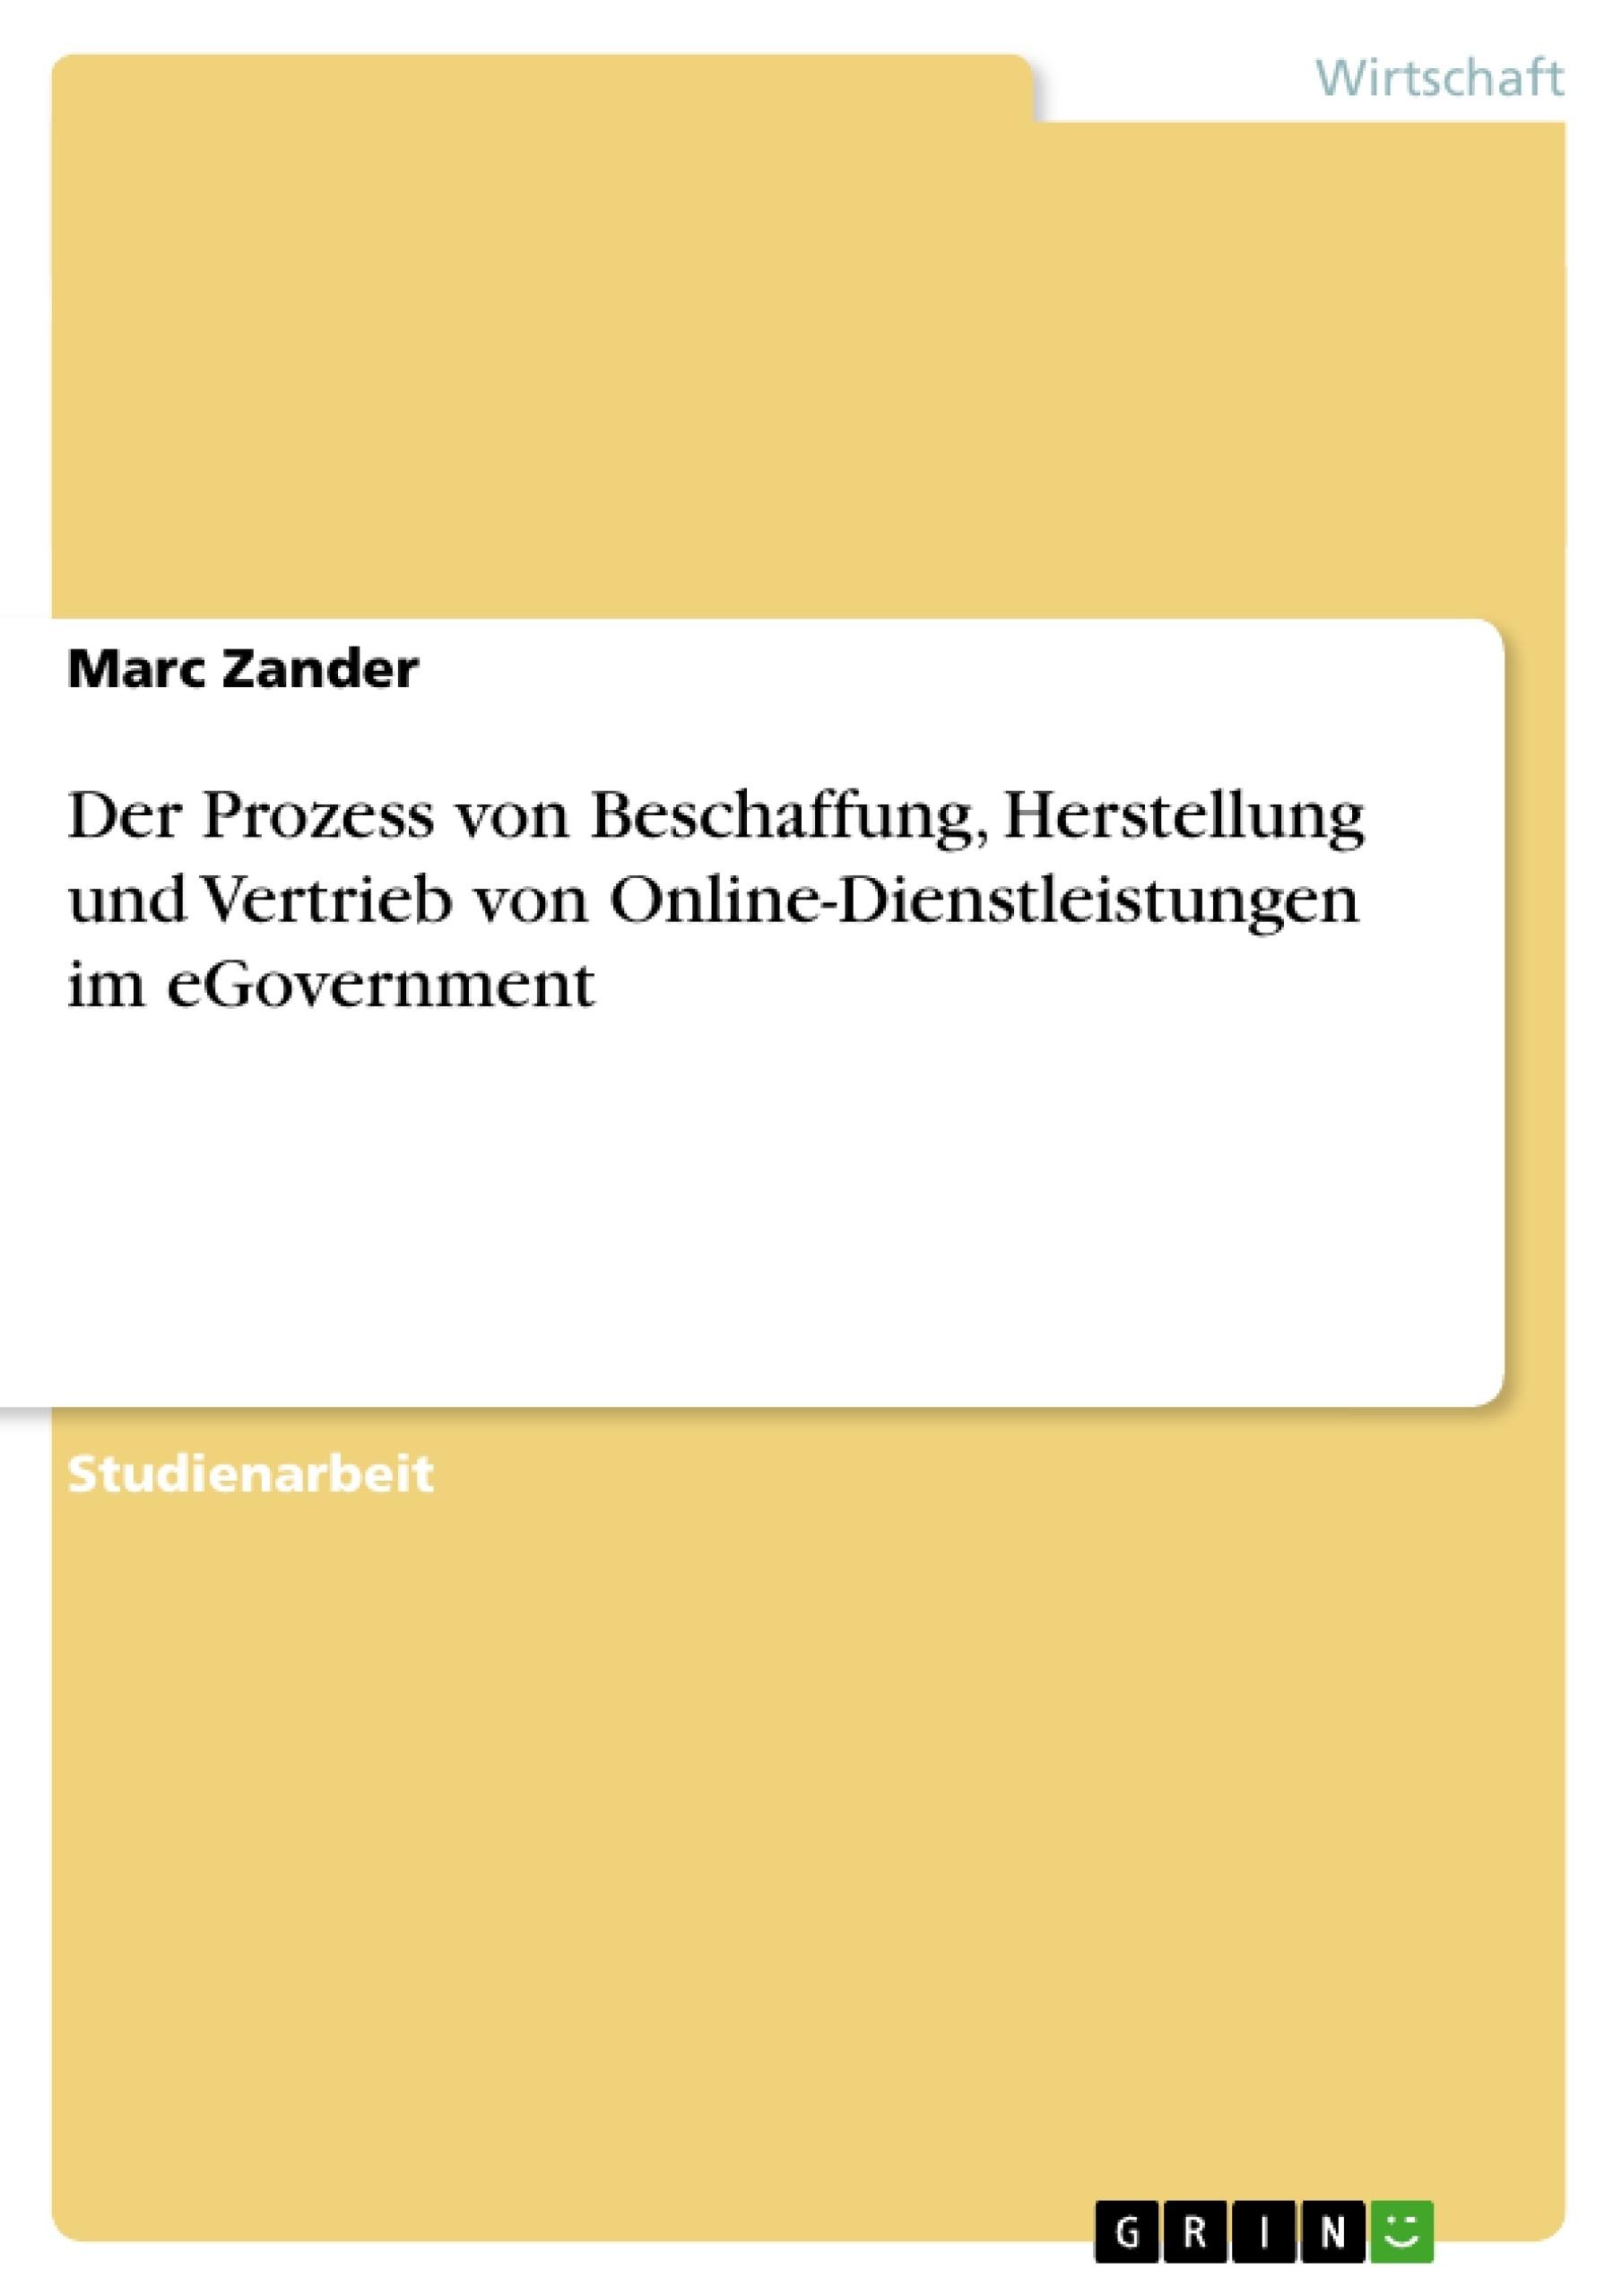 Titel: Der Prozess von Beschaffung, Herstellung und Vertrieb von Online-Dienstleistungen im eGovernment